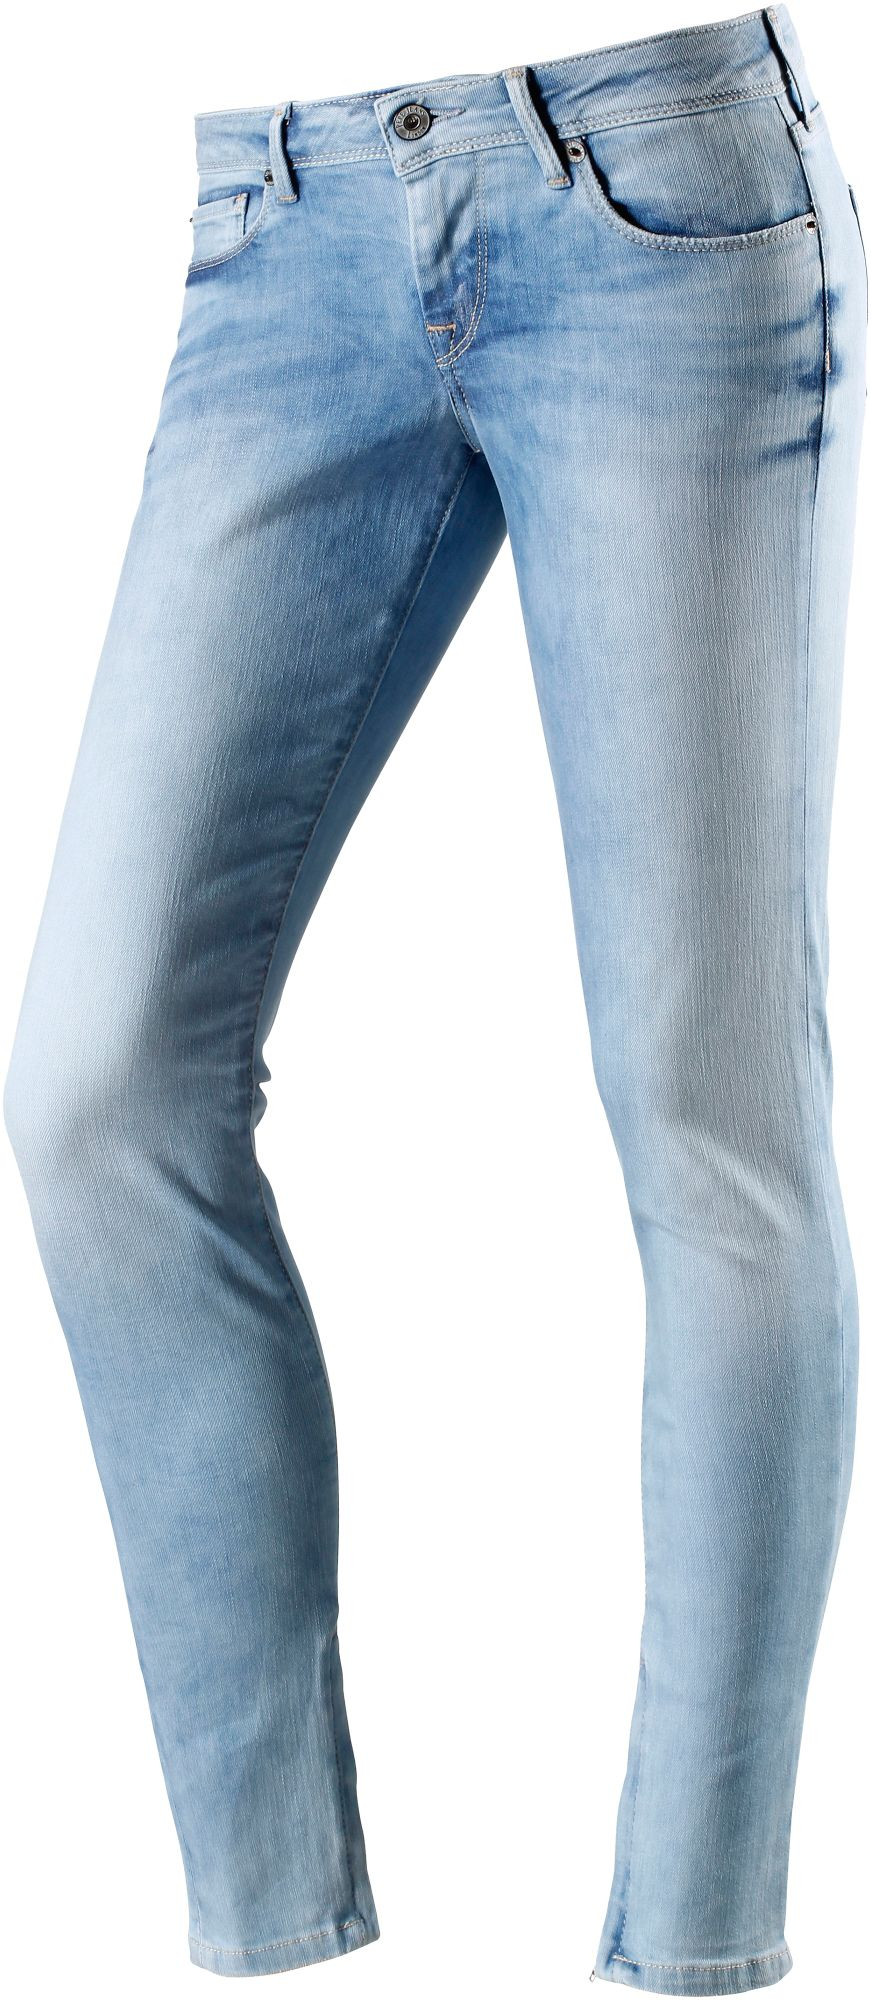 Pepe Jeans Cher Skinny Fit Jeans Damen von SportScheck  in black - Schwarz für 44,95€